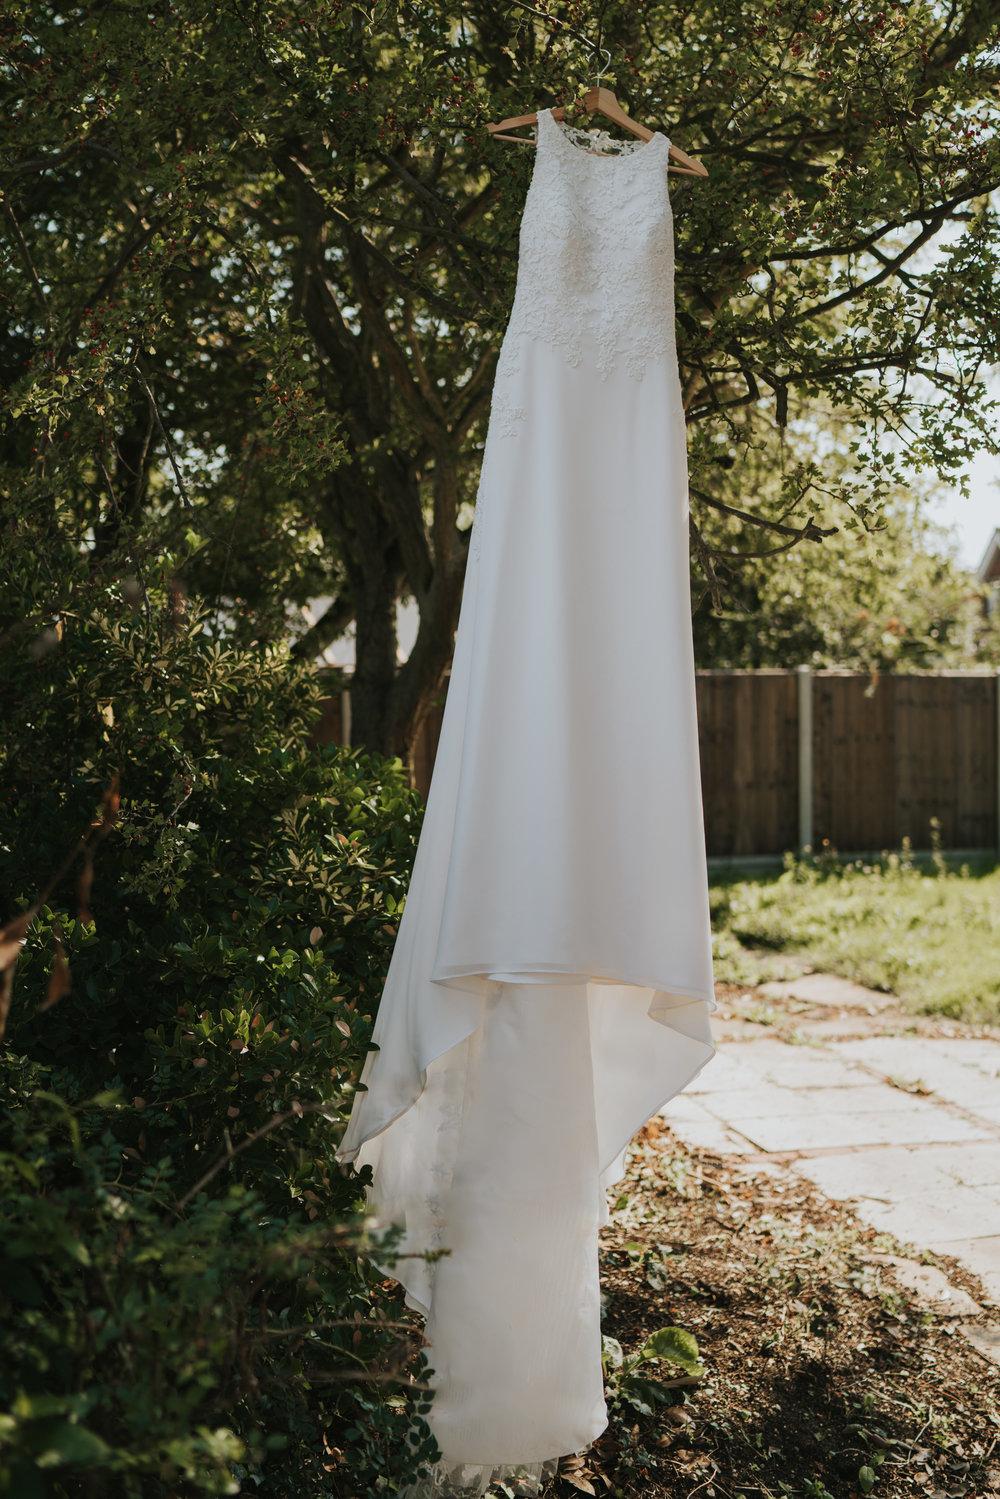 Joe-Tiffany-Colchester-Castle-Wedding-Essex-Grace-Elizabeth-Colchester-Essex-Alternative-Wedding-Photographer-Suffolk-Norfolk-Devon (9 of 122).jpg